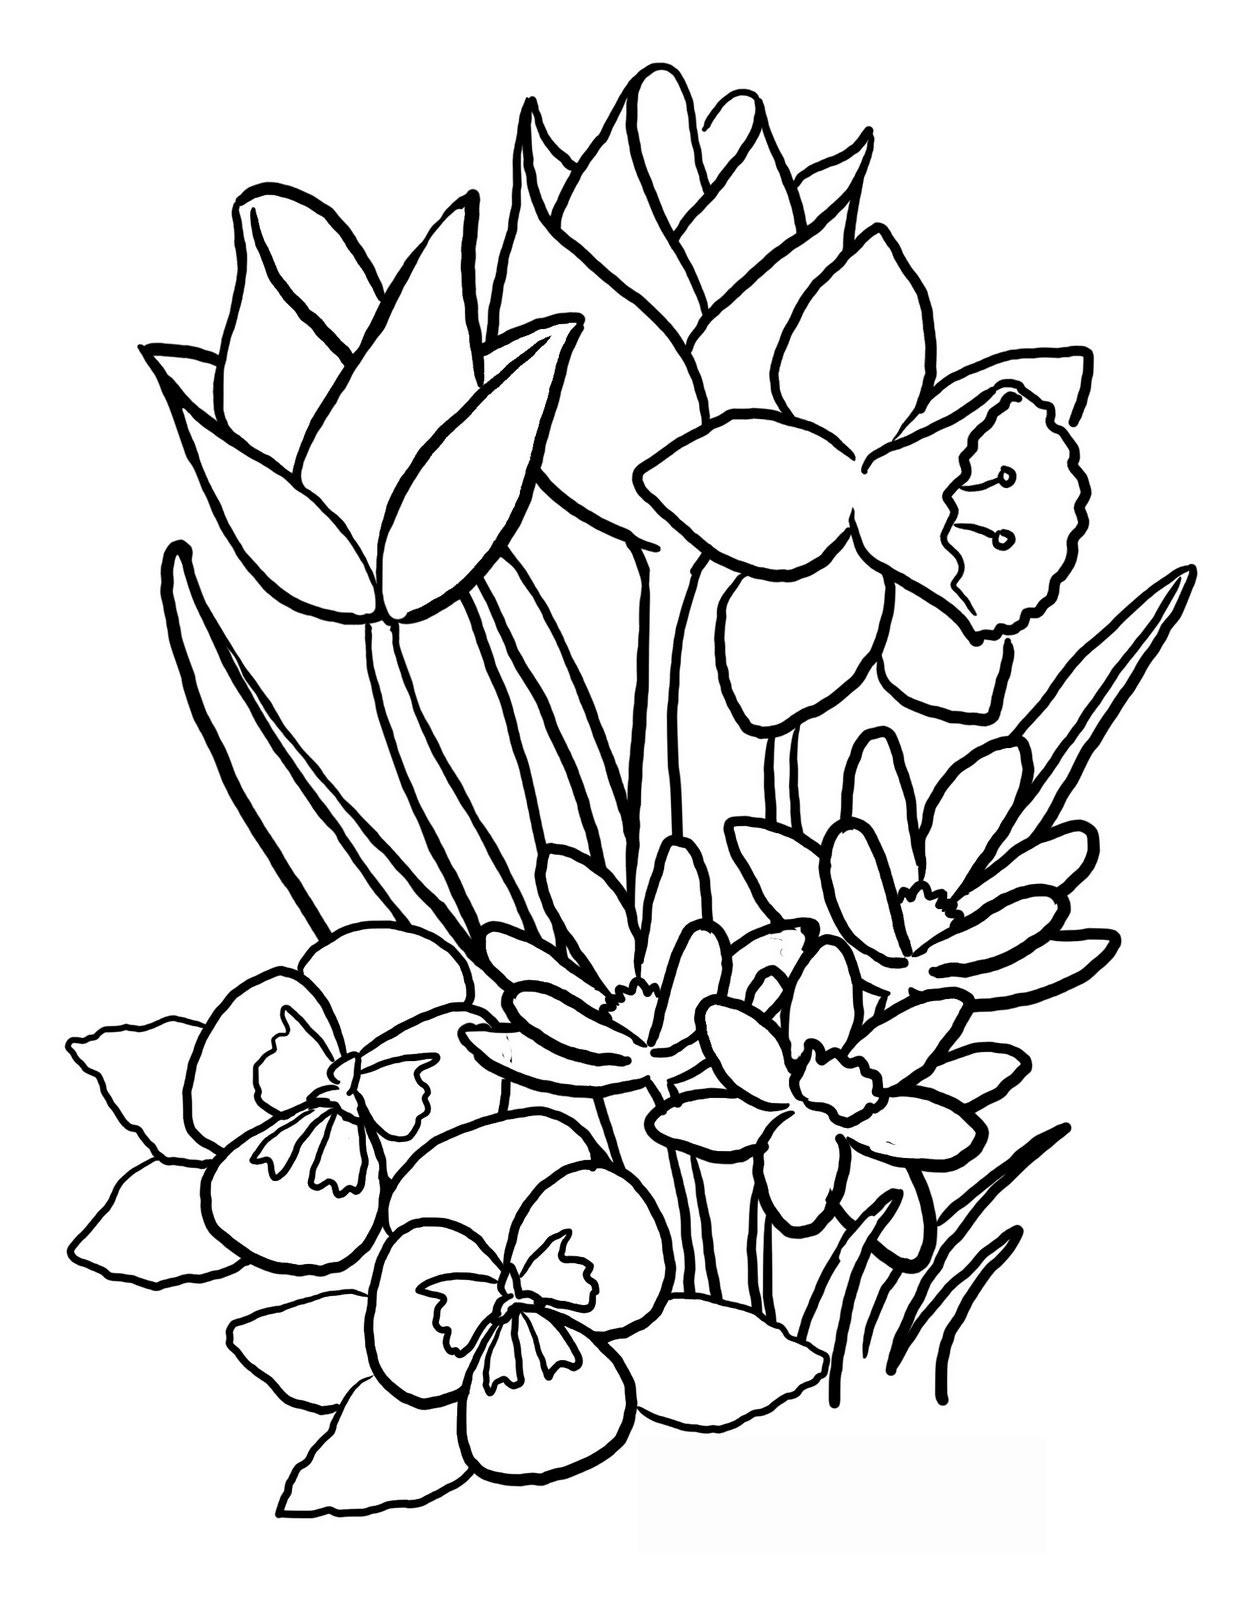 Tô màu các loại hoa đẹp